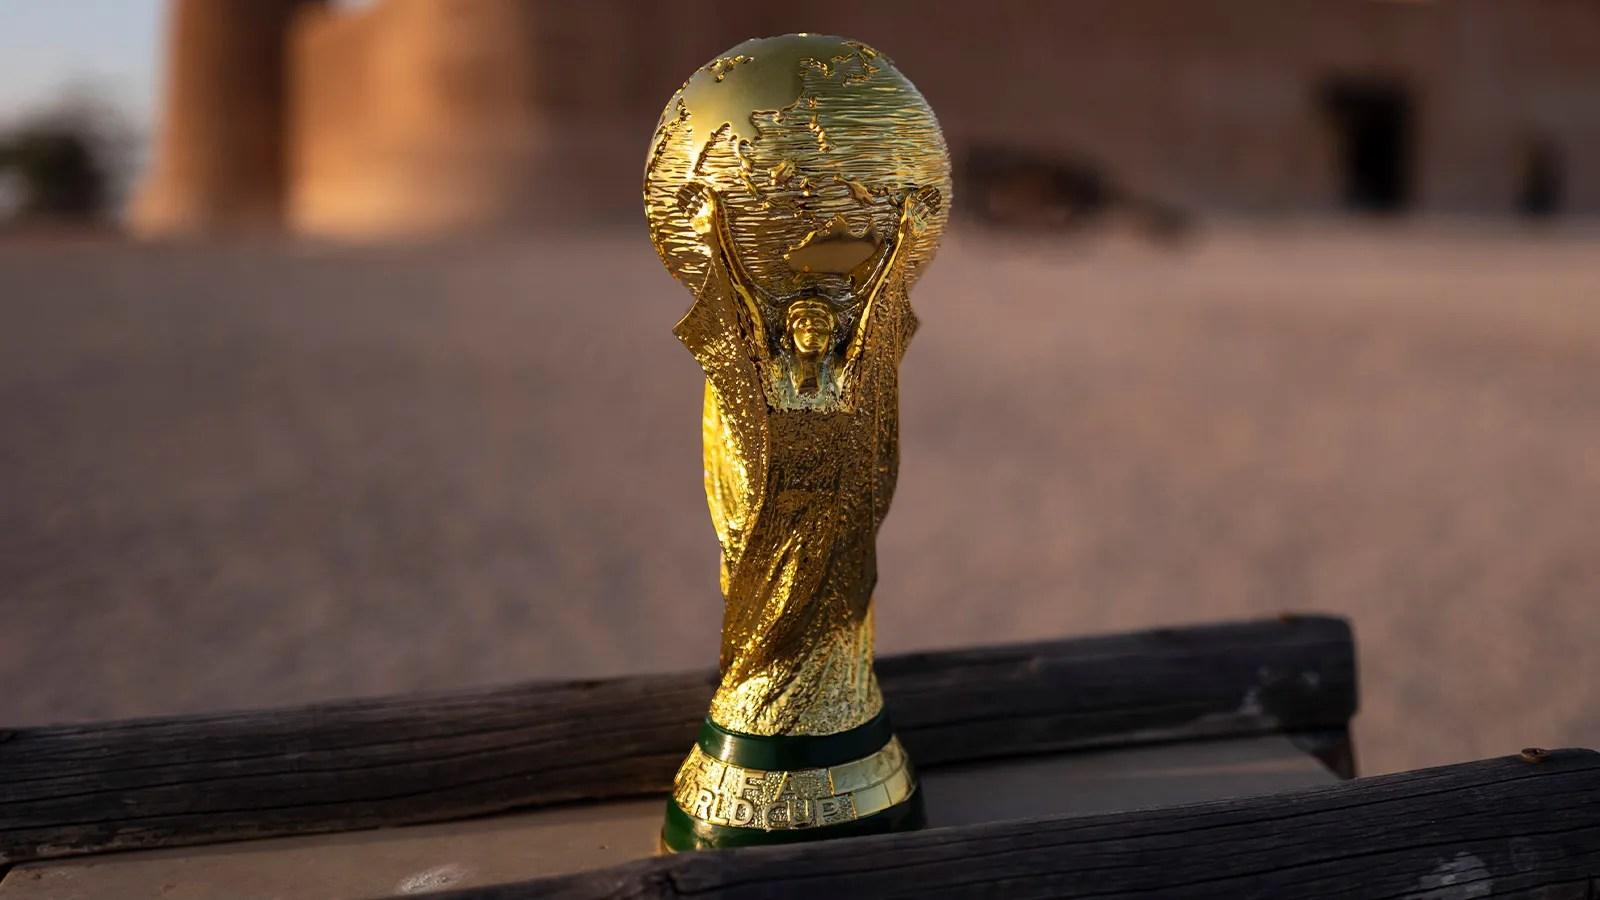 L'équipe de france qui s'apprête à disputer la finale de la ligue des nations, dimanche à 20h45, face à l'espagne. Voici les dates de la Coupe du monde 2022 | GQ France